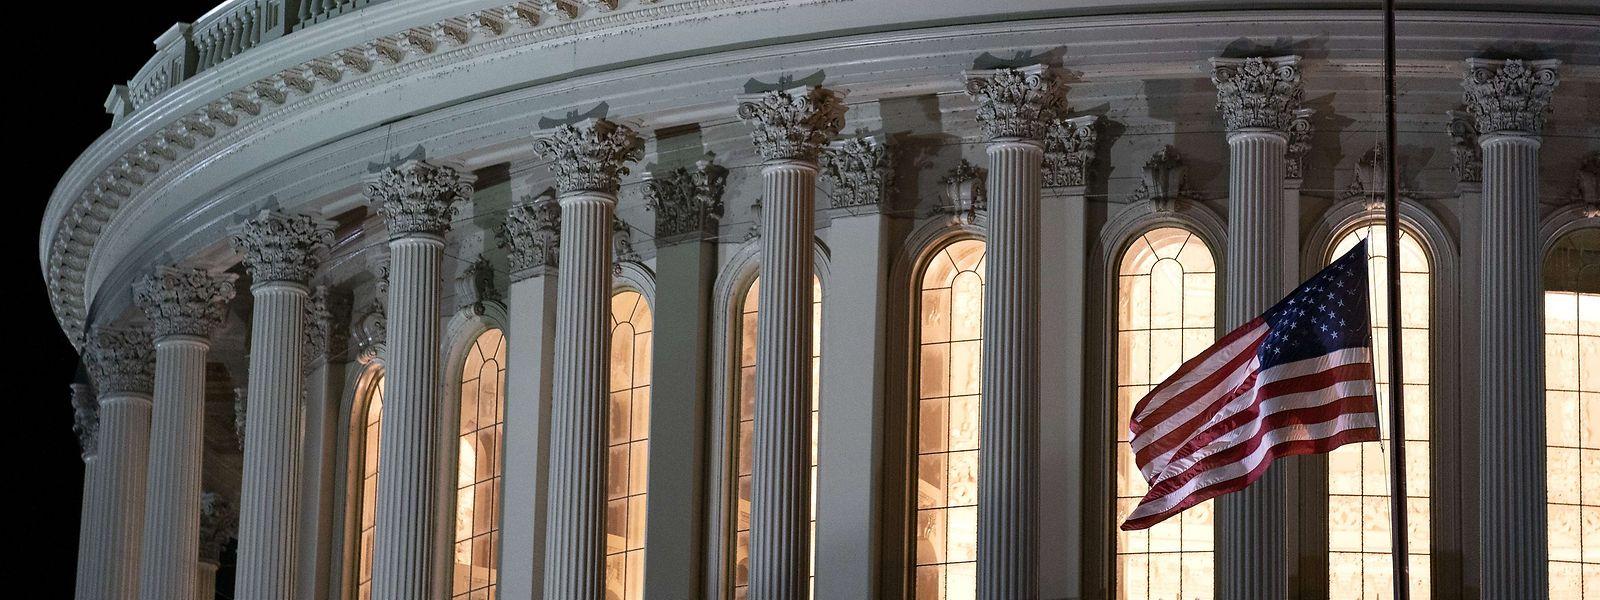 Zum Gedenken an die Rechtsstaat-Ikone Ruth Bader Ginsburg steht die US-amerikanische Flagge auf dem Kapitol auf Halbmast.